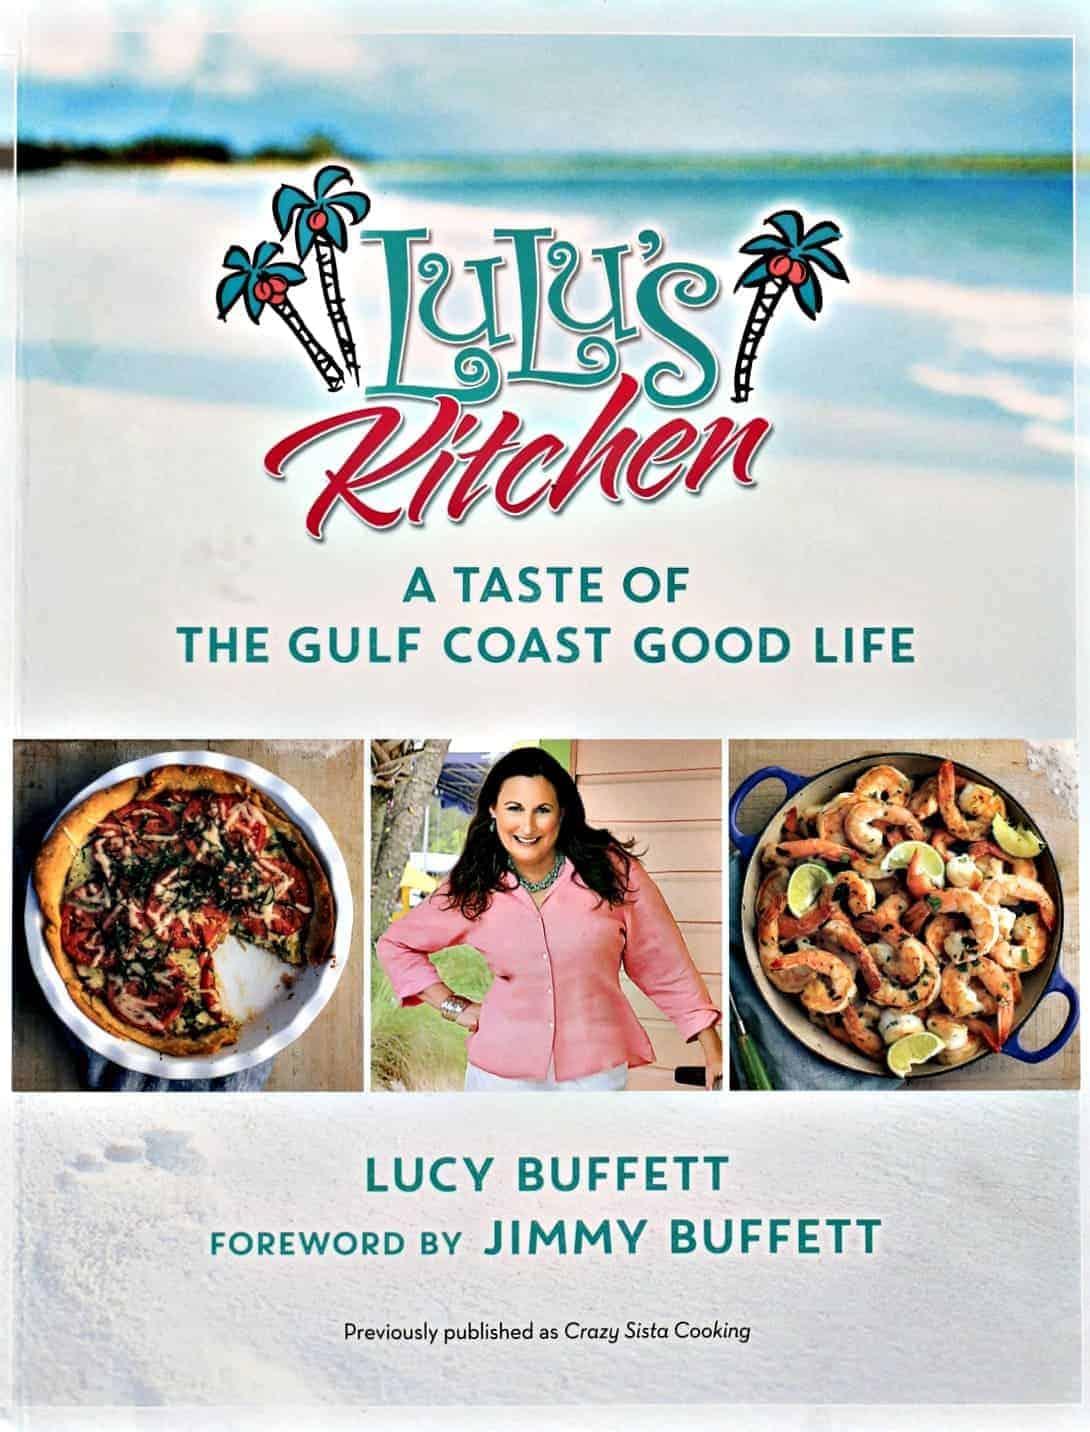 LuLus Kitchen cookbook